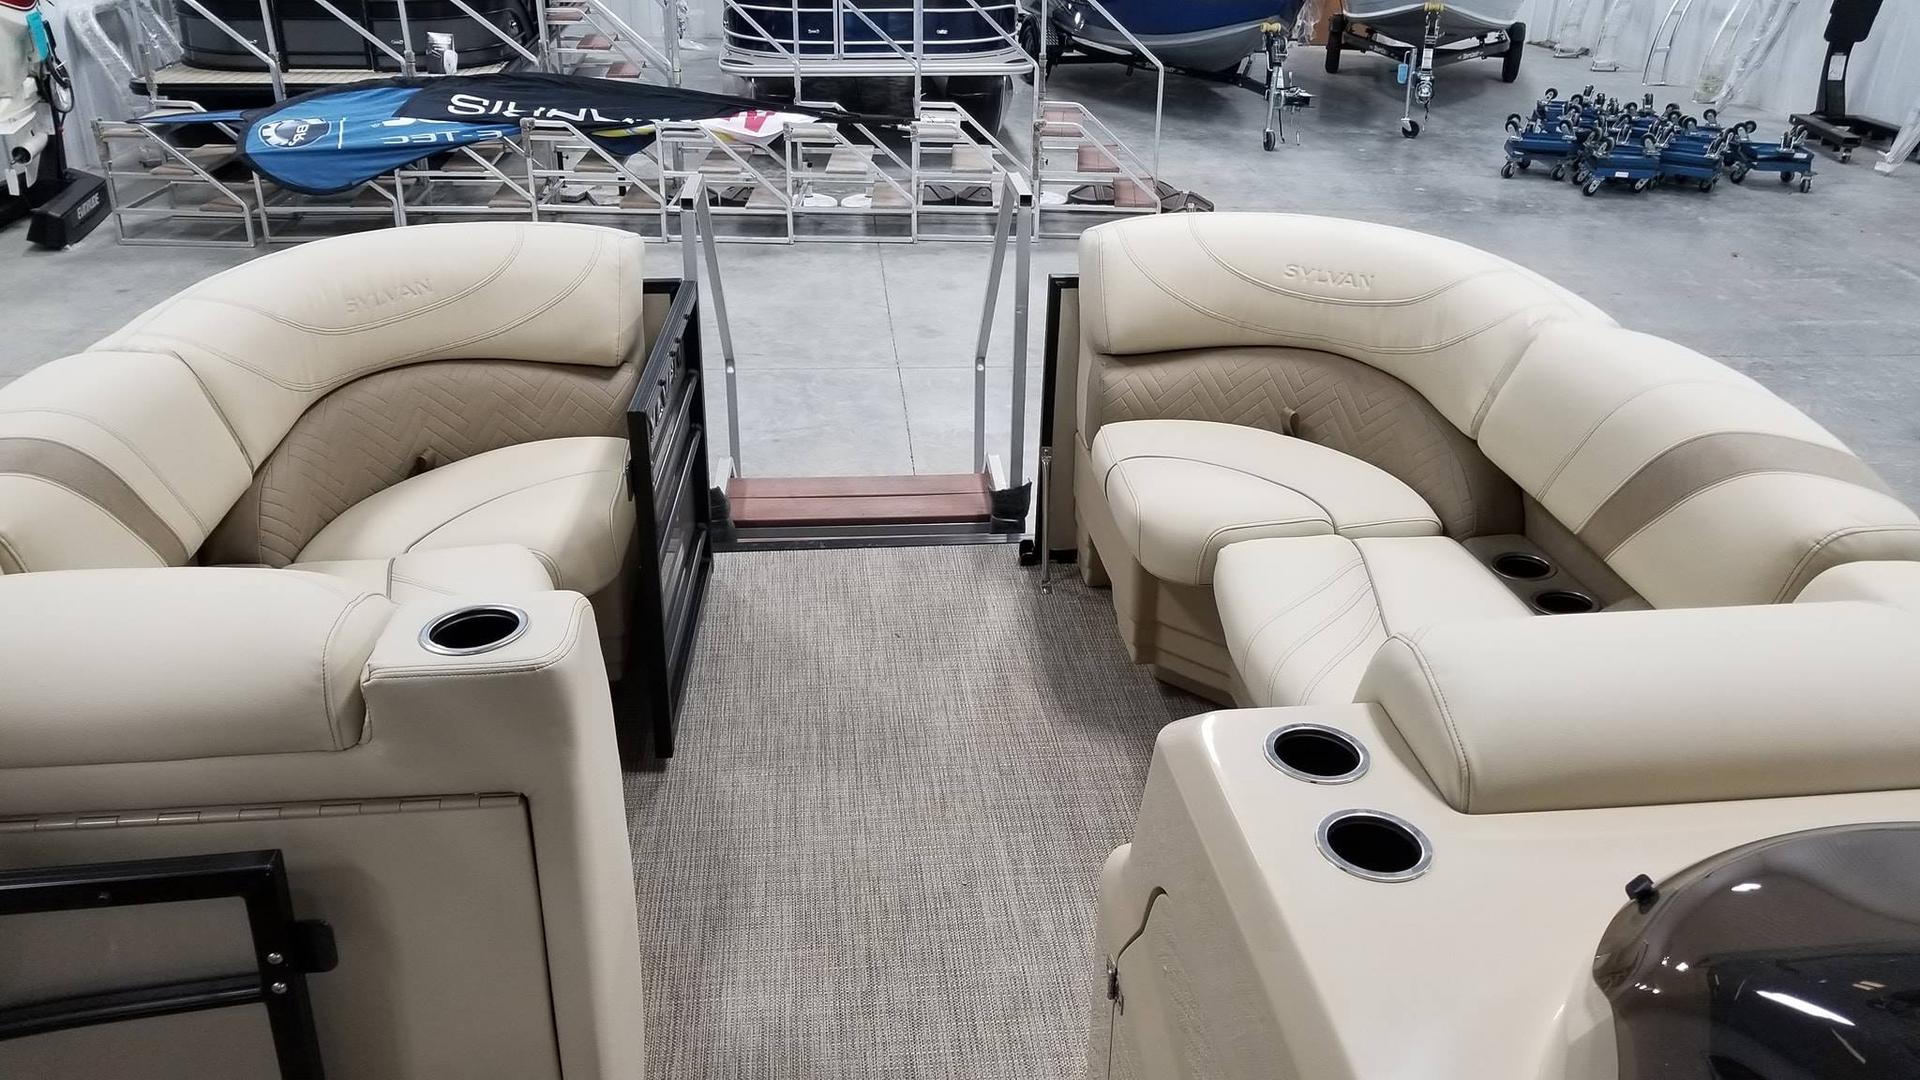 Sylvan pontoon 8522 DLZ yamaha 115 SHO | Buckeye Lake tri